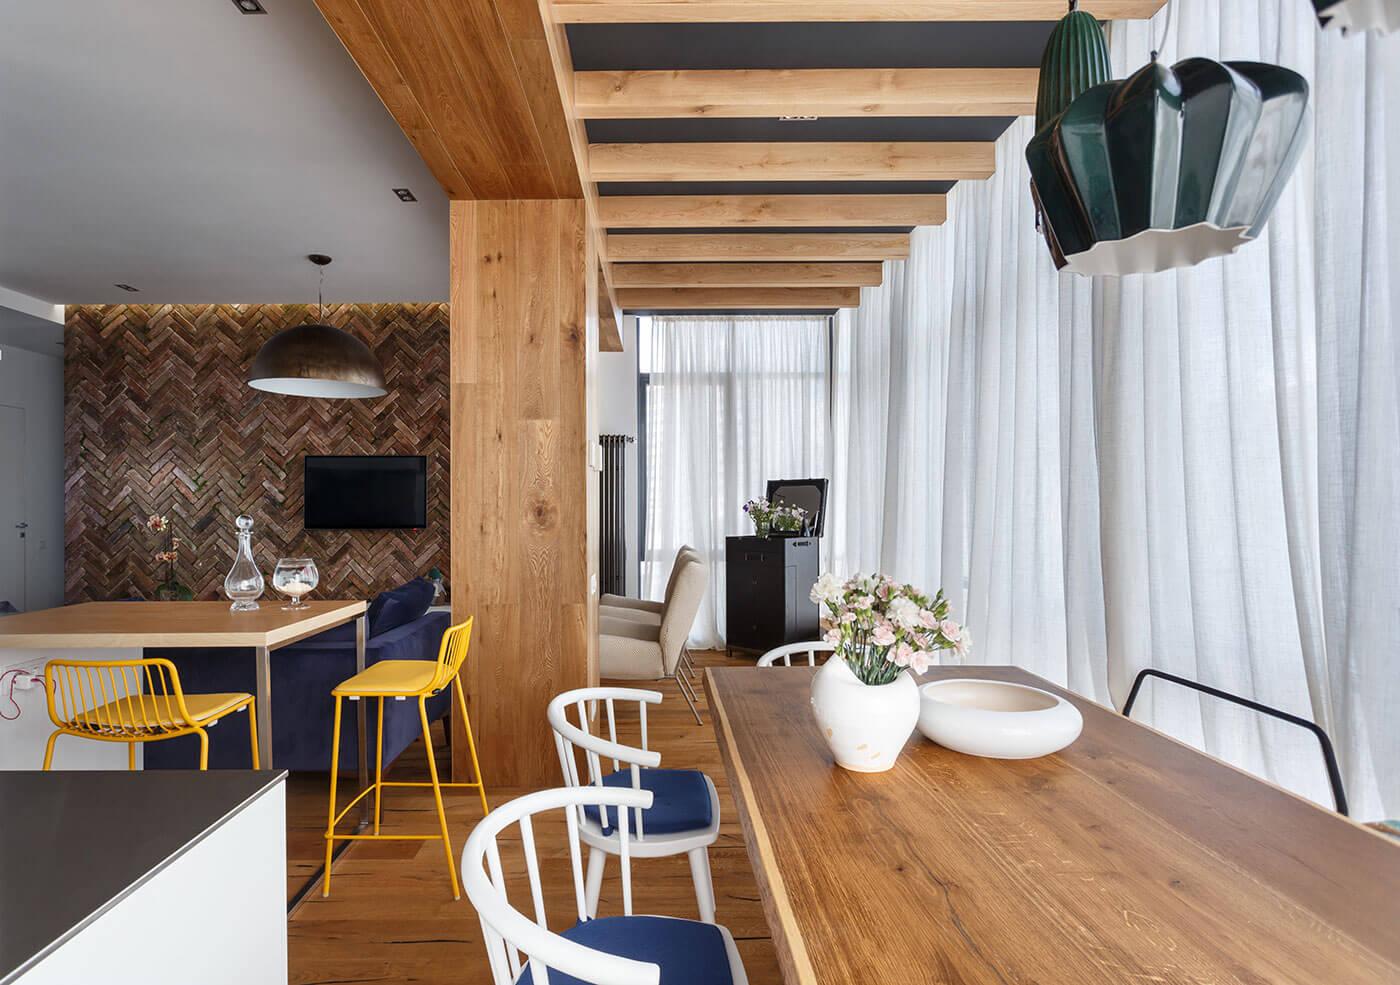 apartament-v-ukraina-s-kreativen-interioren-dizian-3g